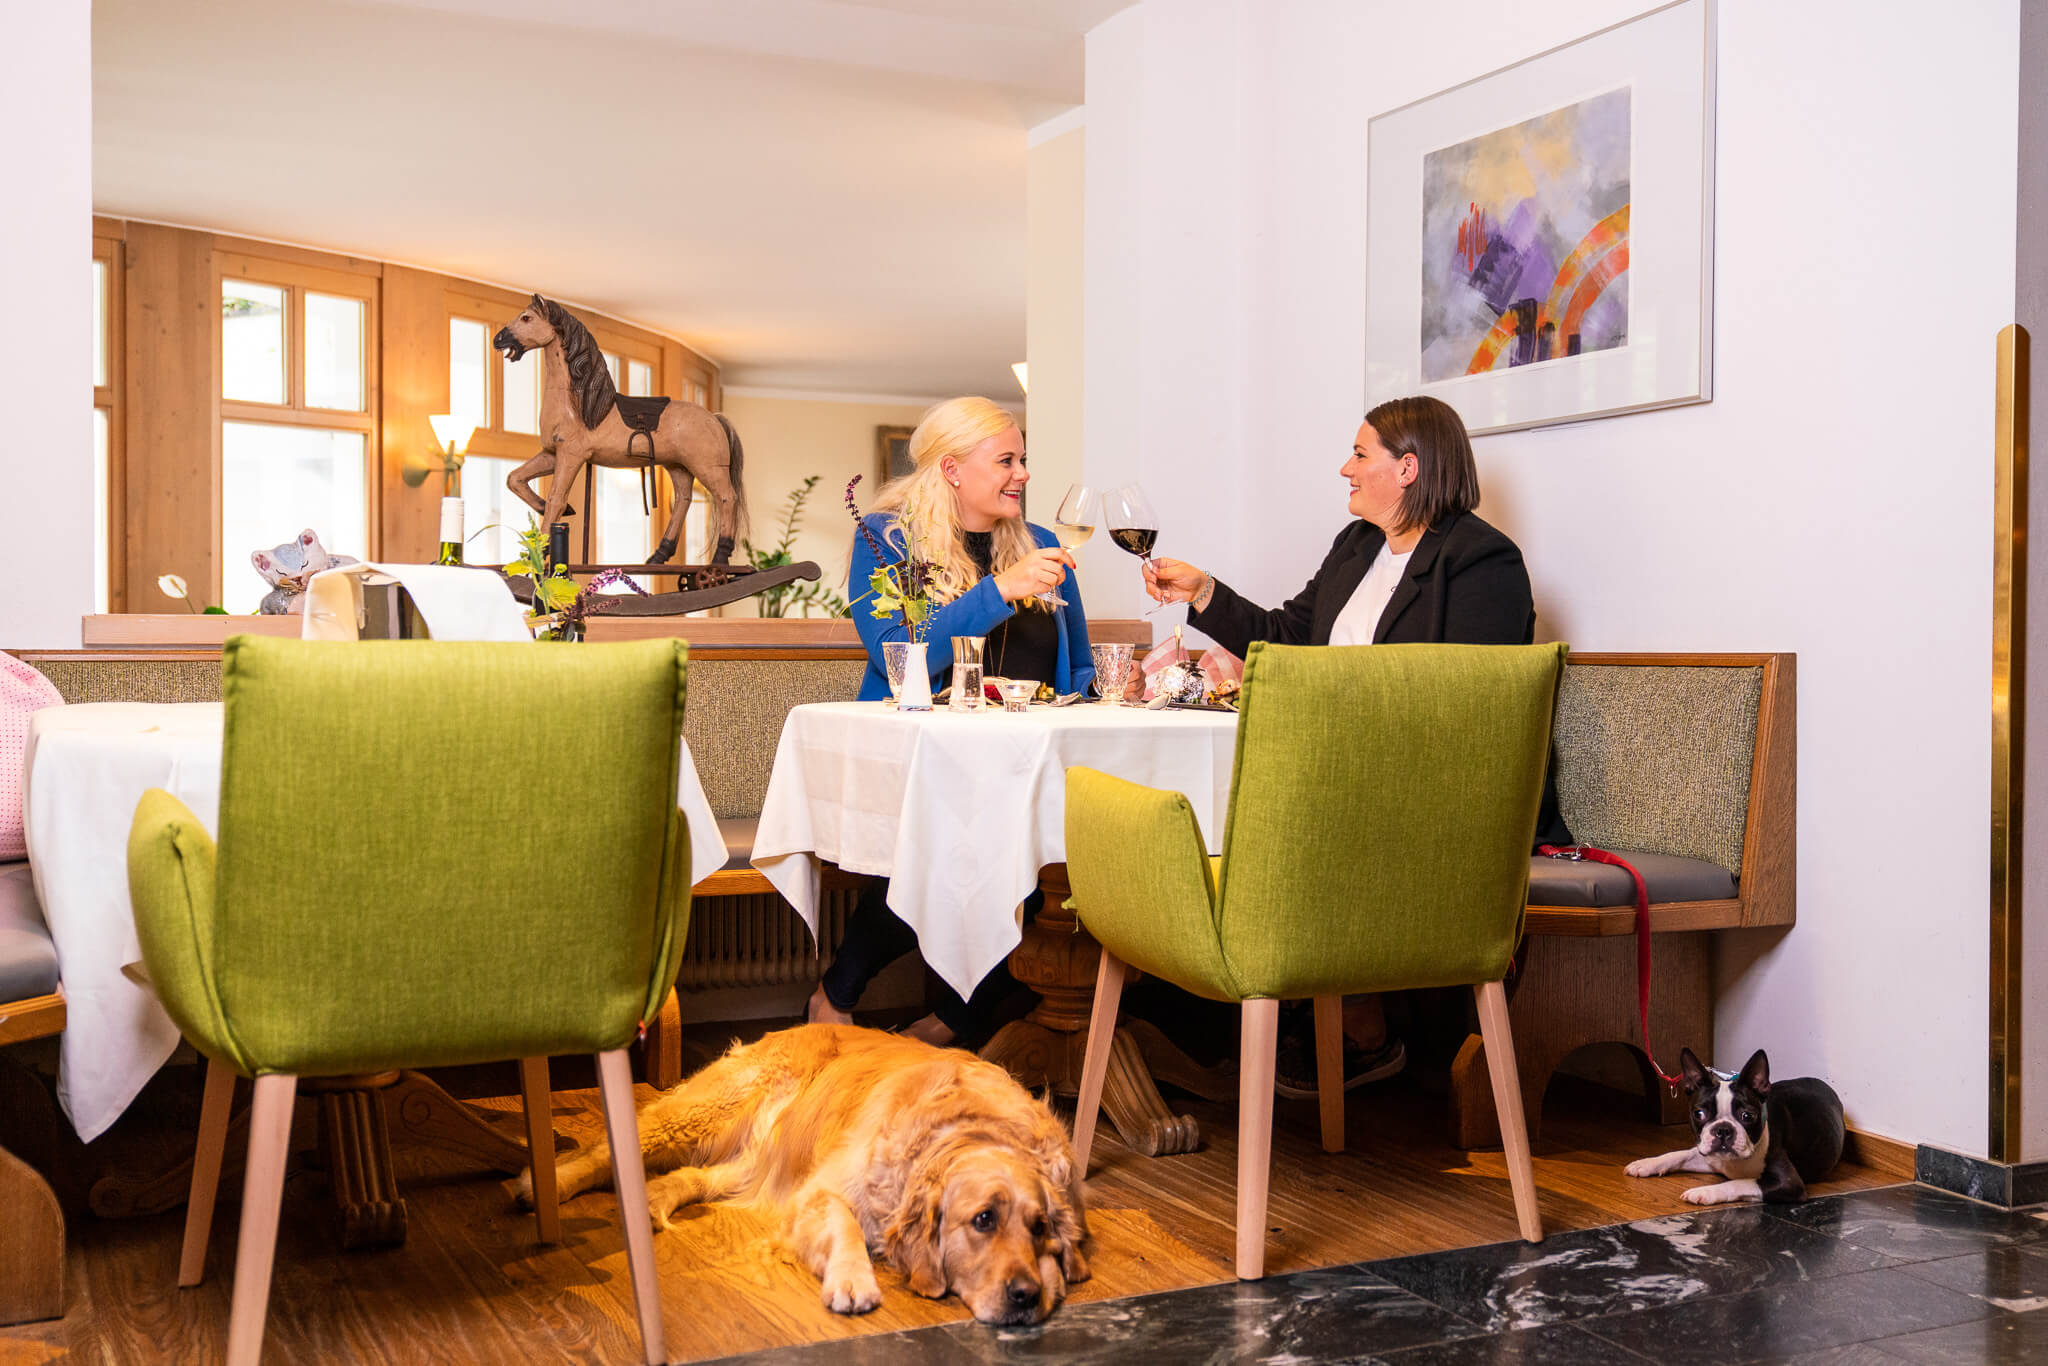 Hotel Eschenhof, Abendessen mit Hund ©gert_perauer